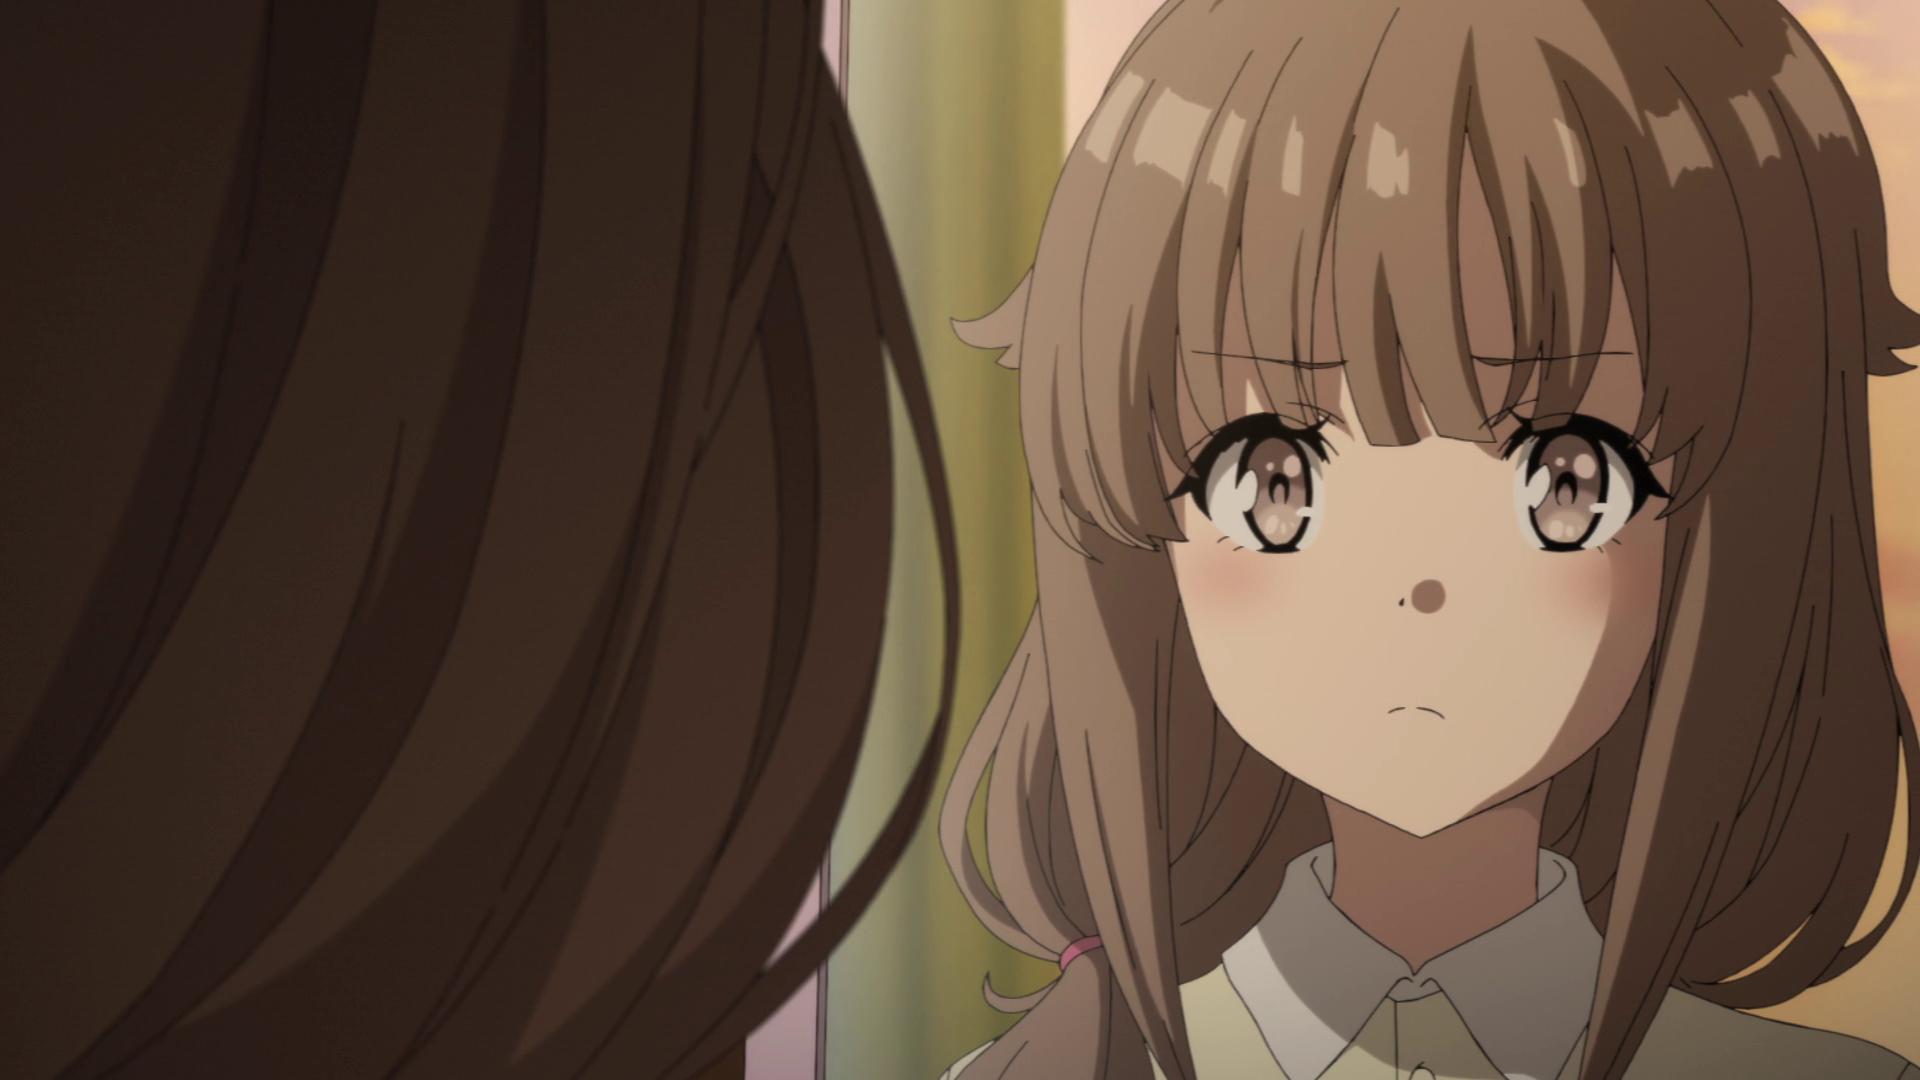 Pin by 🍒 on 青ブタ  Bunny girl, Anime romance, Me me me anime